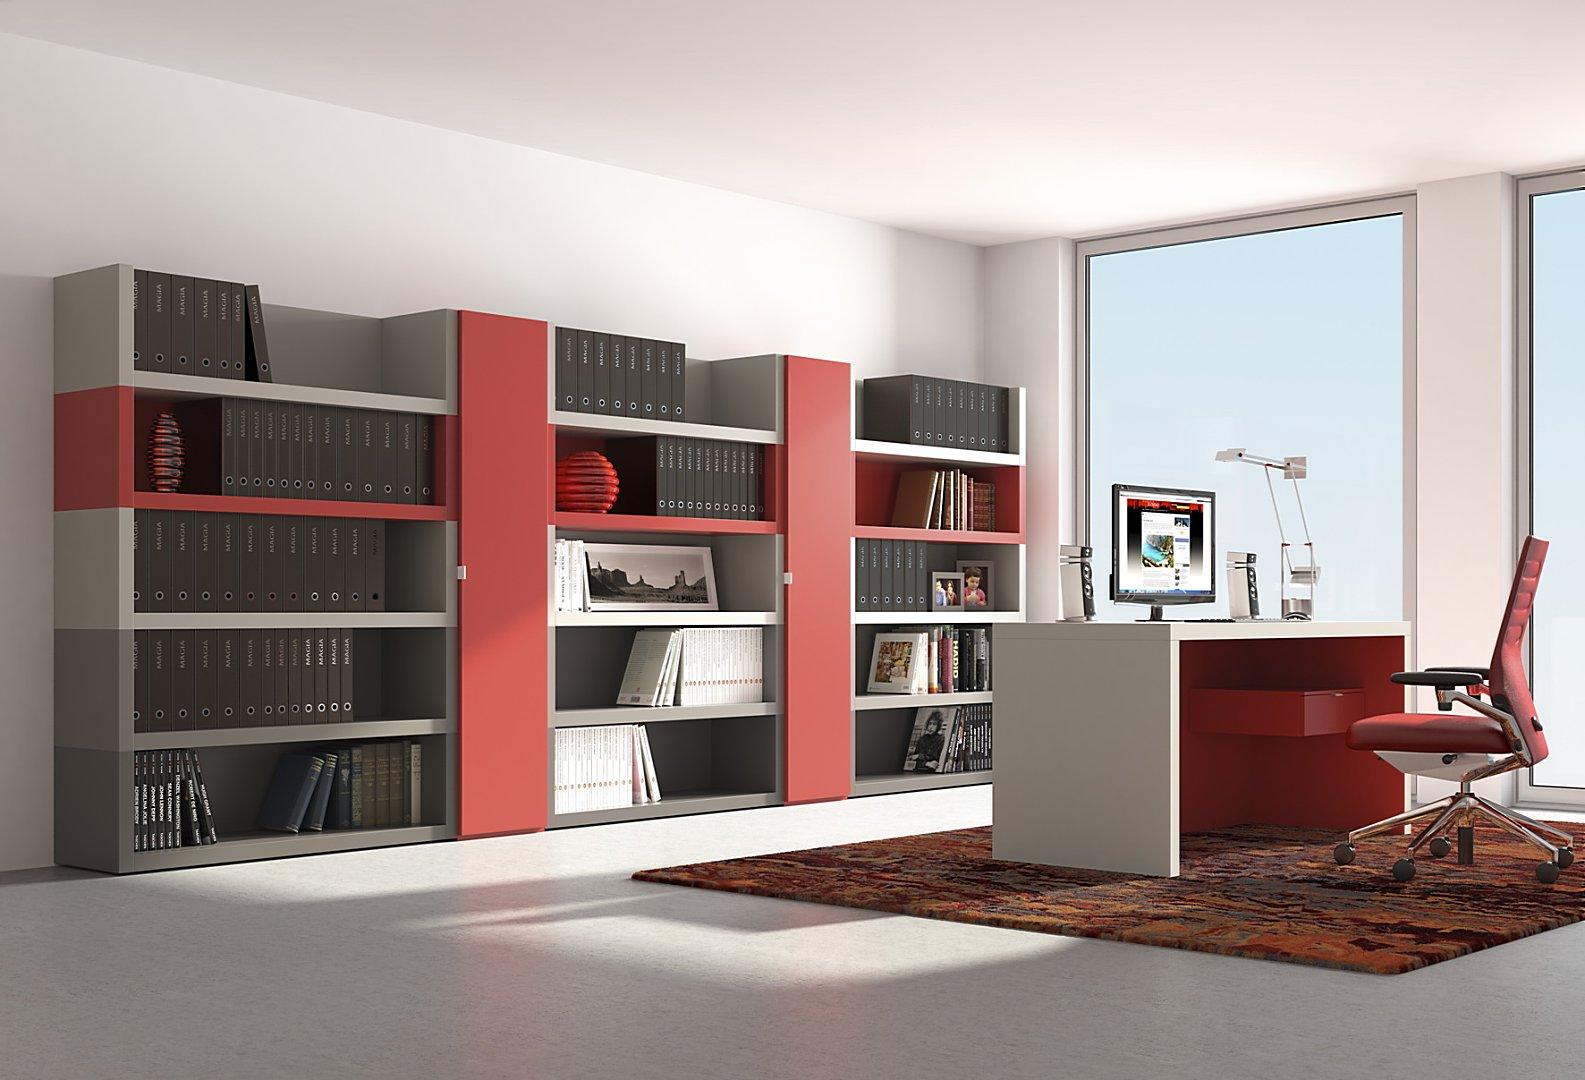 Magia despacho muebles anto n for Muebles despacho baratos